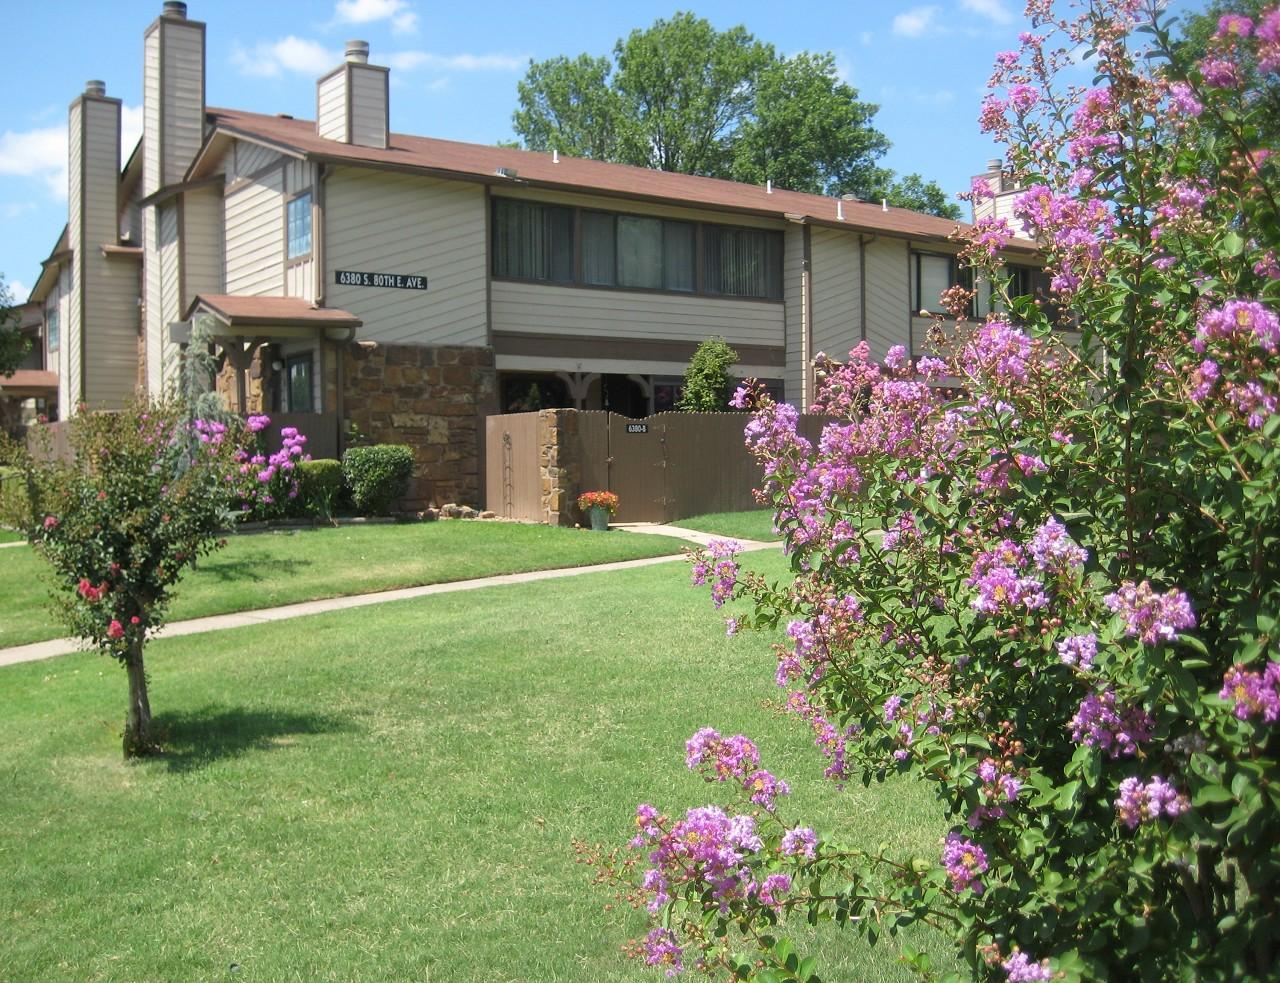 Single Family Home for Sale, ListingId:29586379, location: 6380 S 80th East Avenue Tulsa 74133